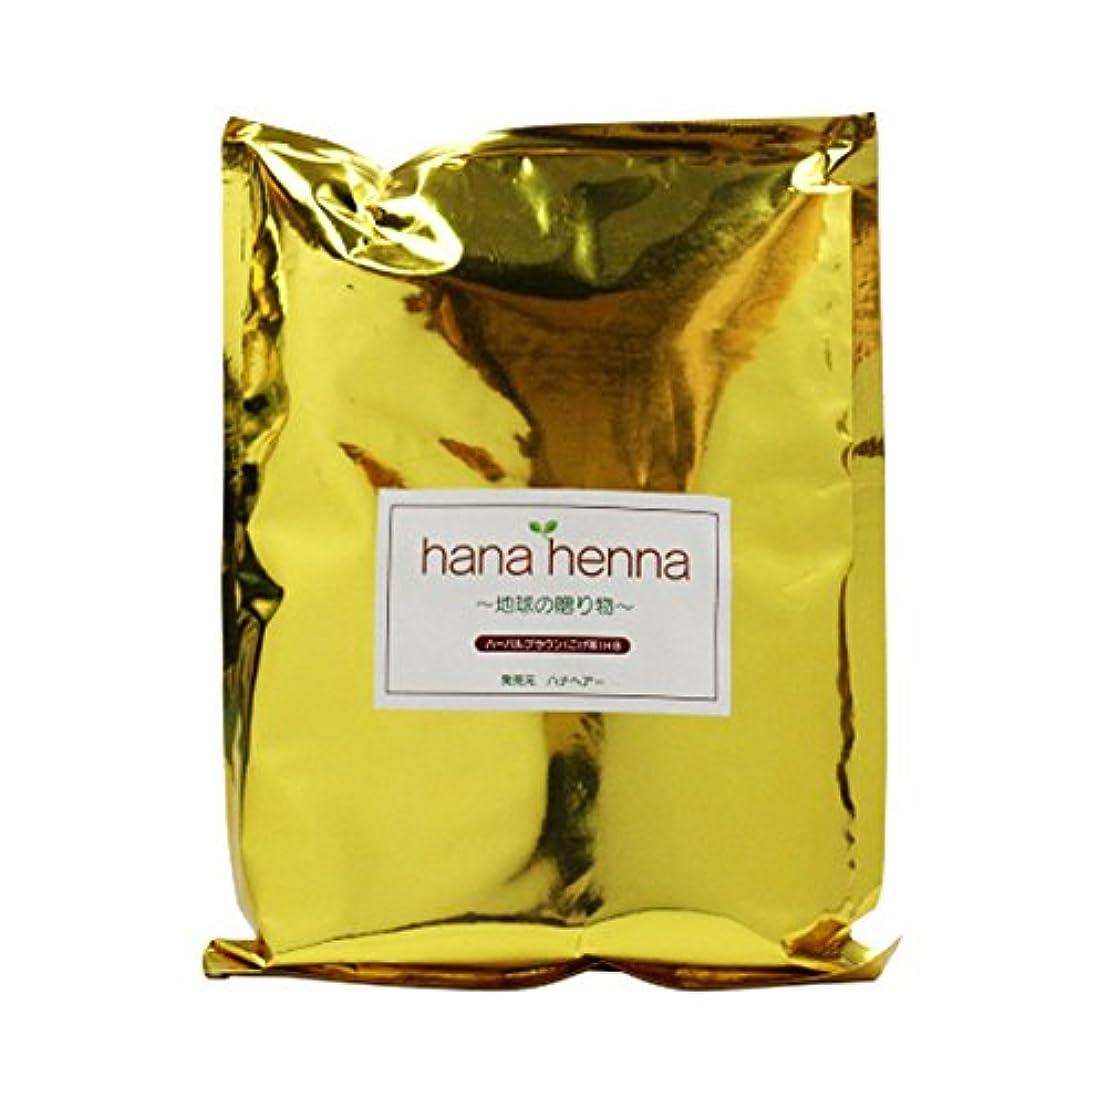 植物学洗う好奇心盛hanahenna ハーバルブラウン HB(こげ茶) 500g